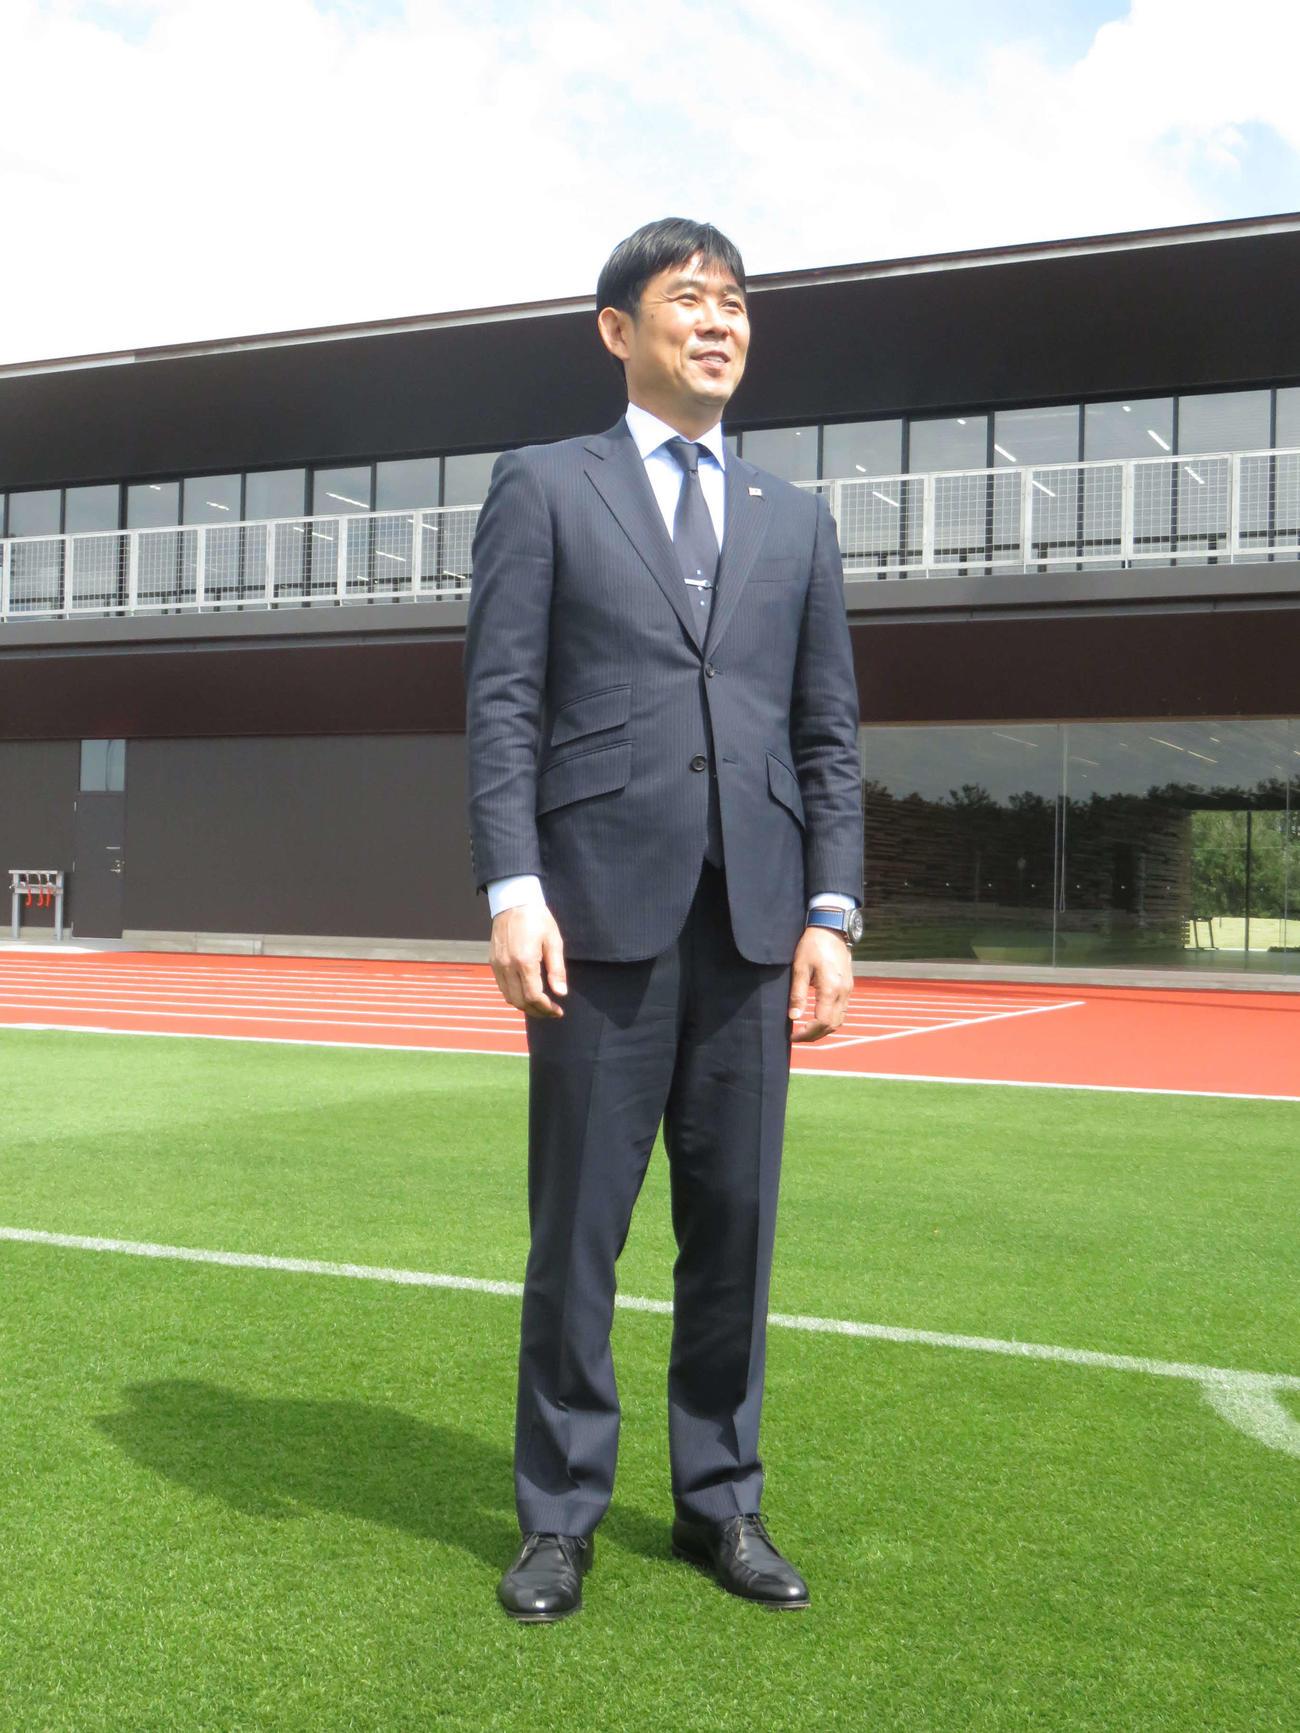 千葉県立幕張海浜公園内に完成したサッカー施設「高円宮記念 JFA夢フィールド」を視察する日本代表森保監督